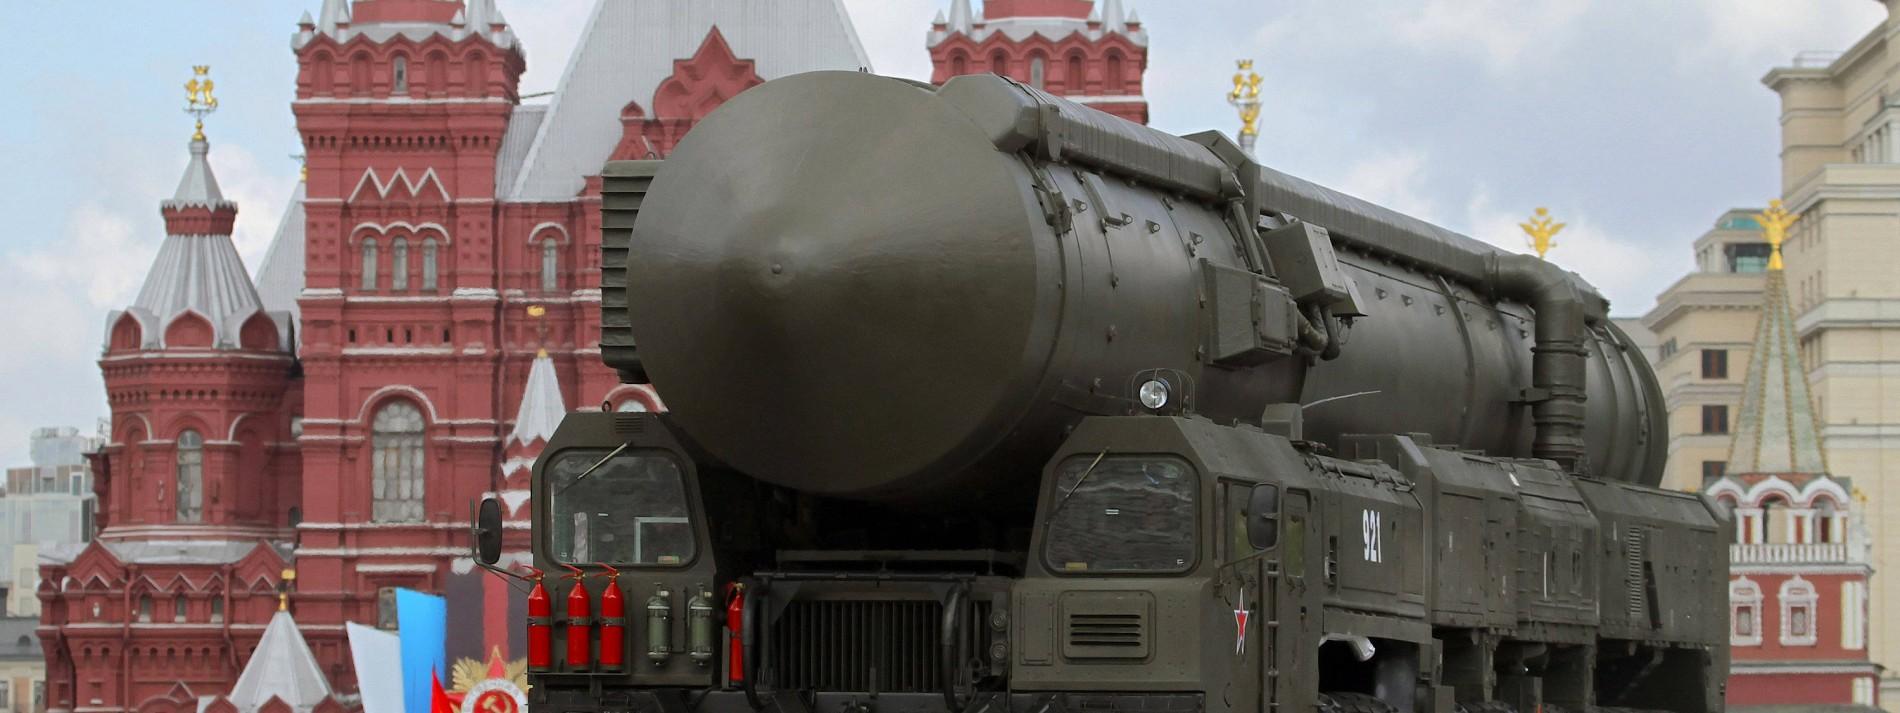 Russland bietet Zugeständnisse an